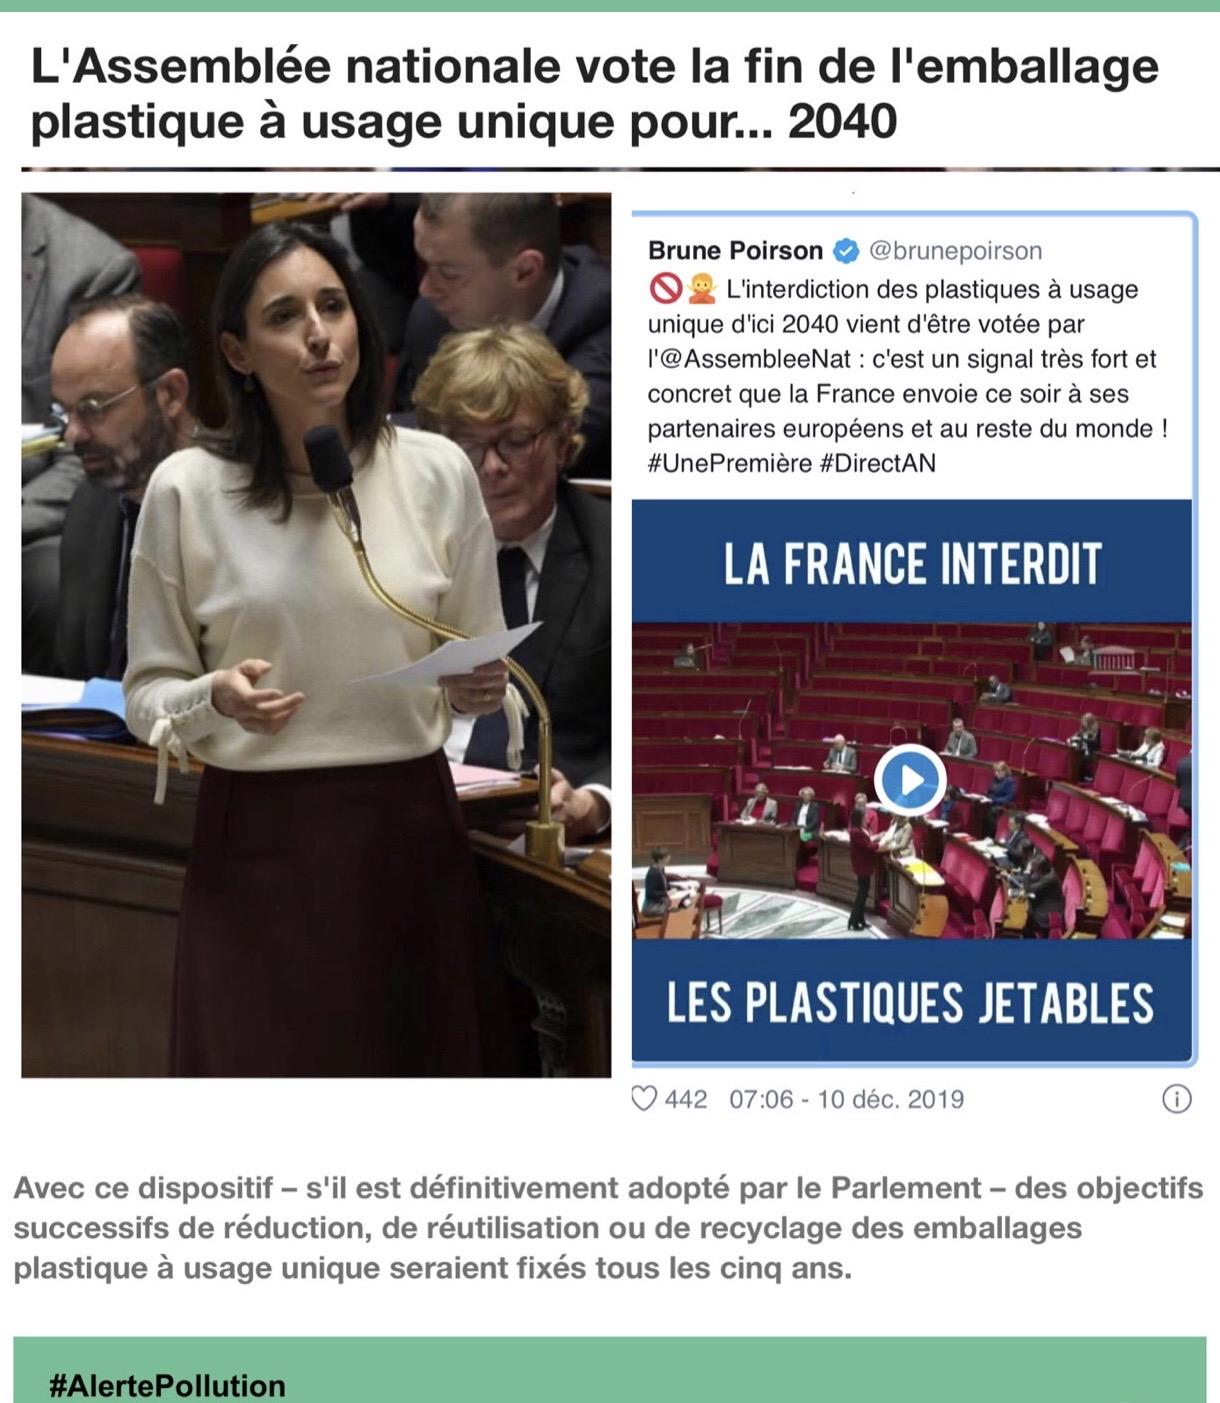 Plastique Retraite 20 ans Brune Poirson Pollution